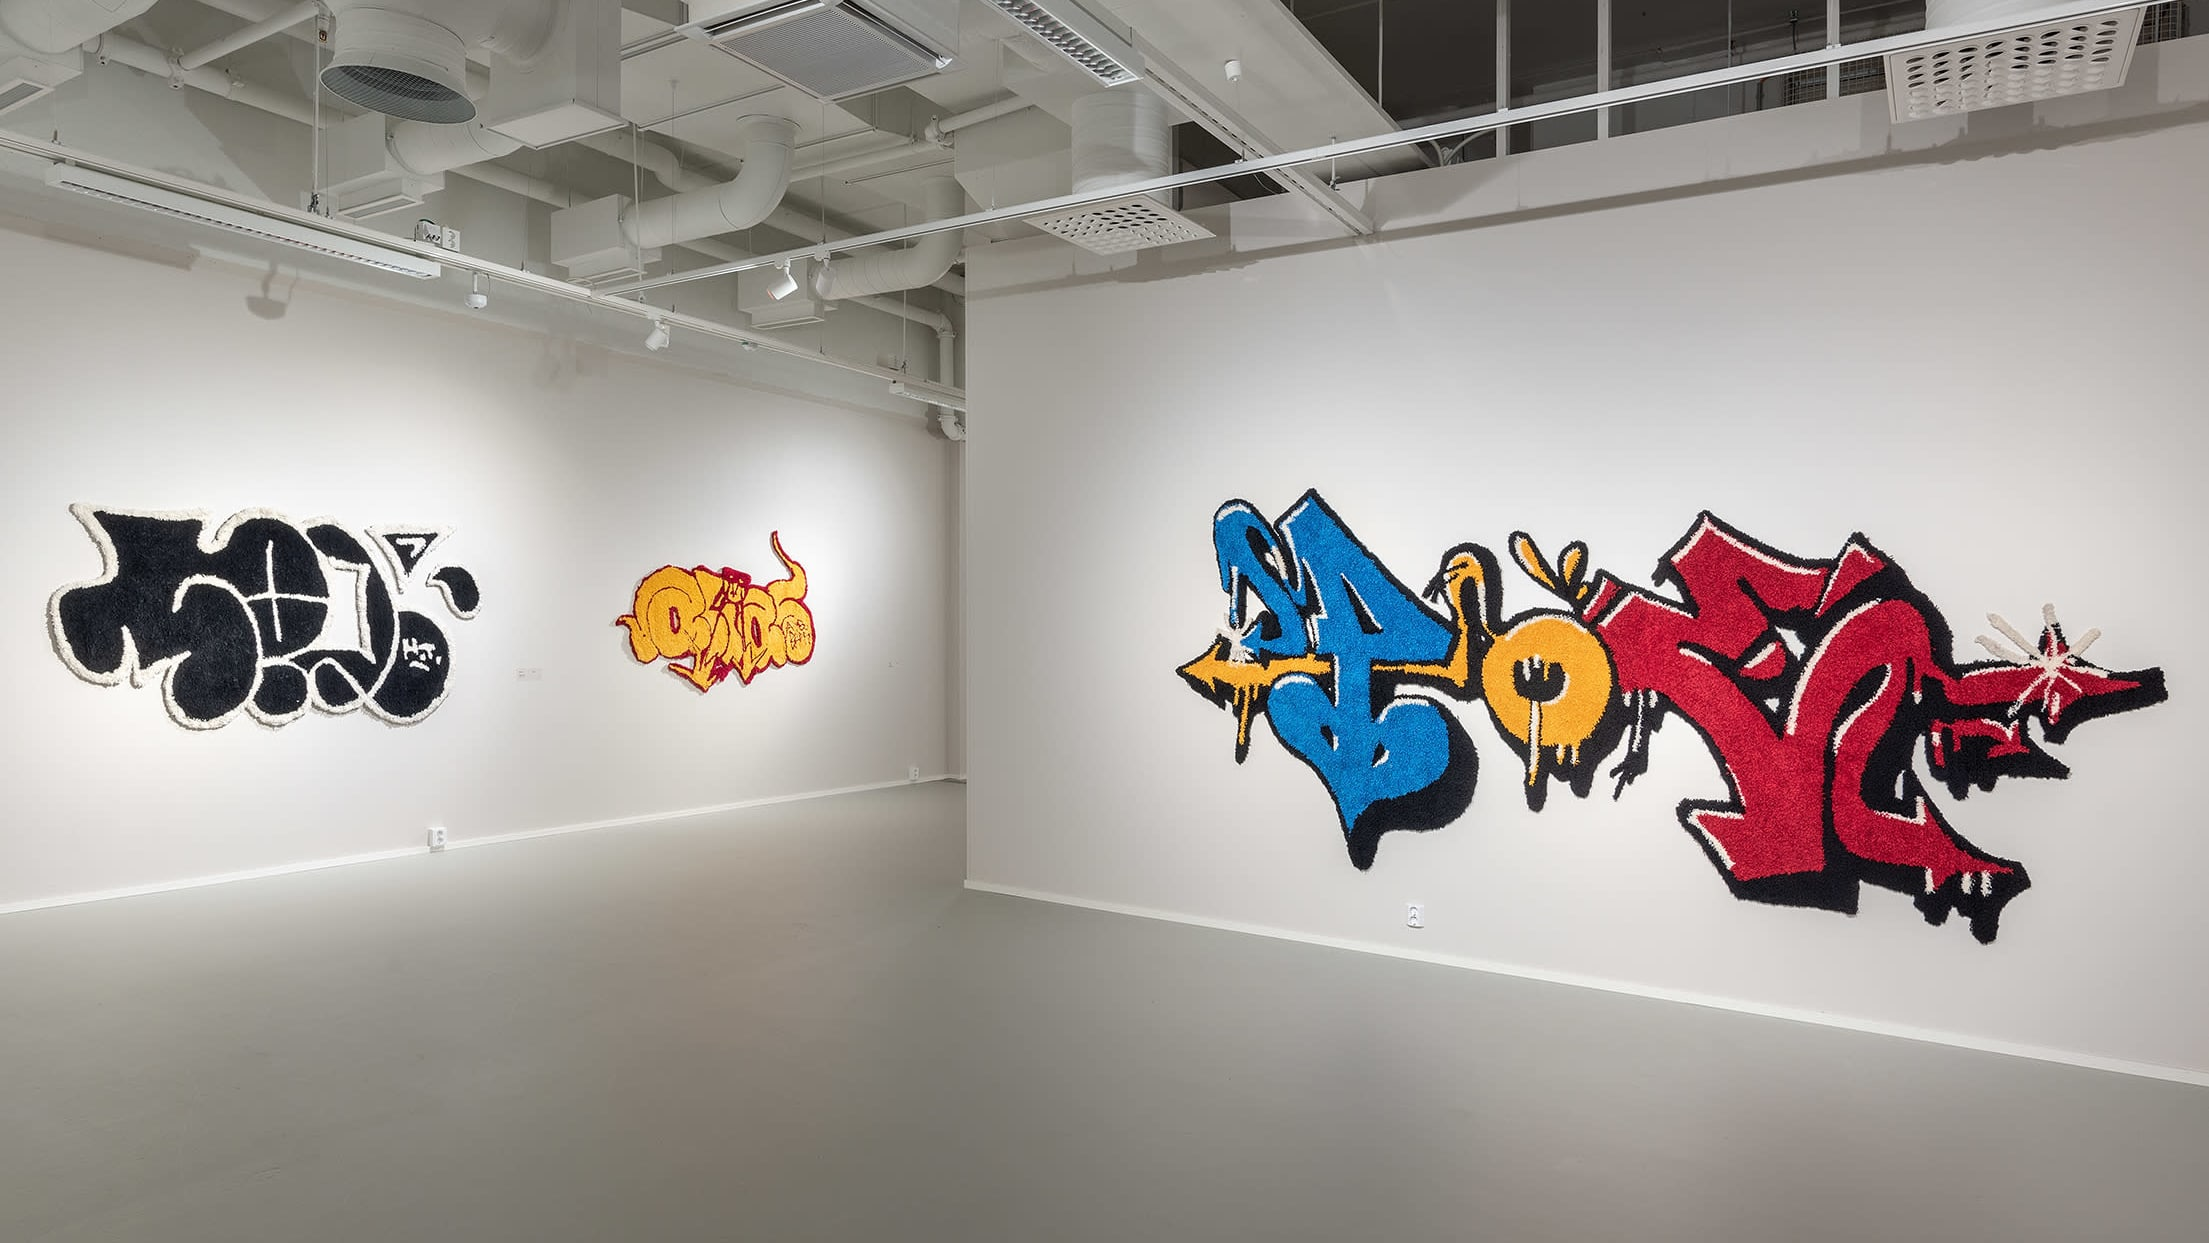 Tuftattuja, graffitia jäljitteleviä ryijyjä taidegallerian seinällä.